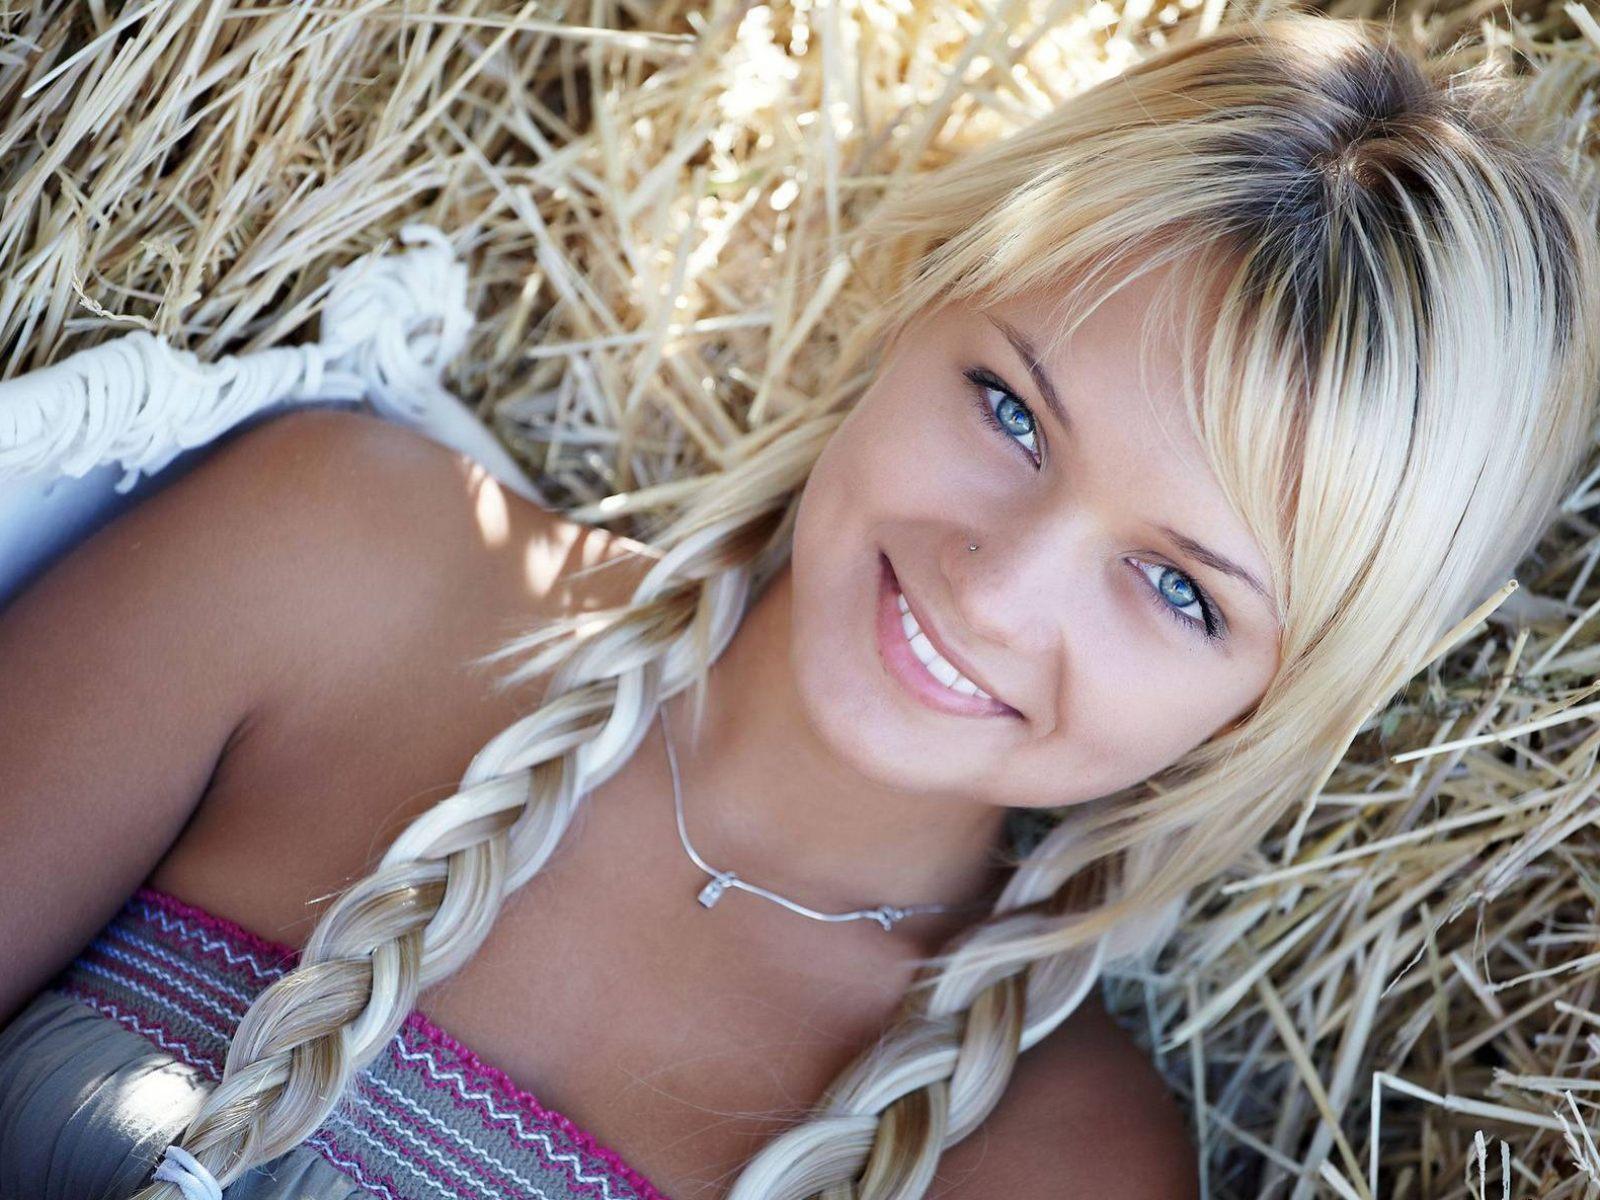 Руская порнуха девочки 5 фотография